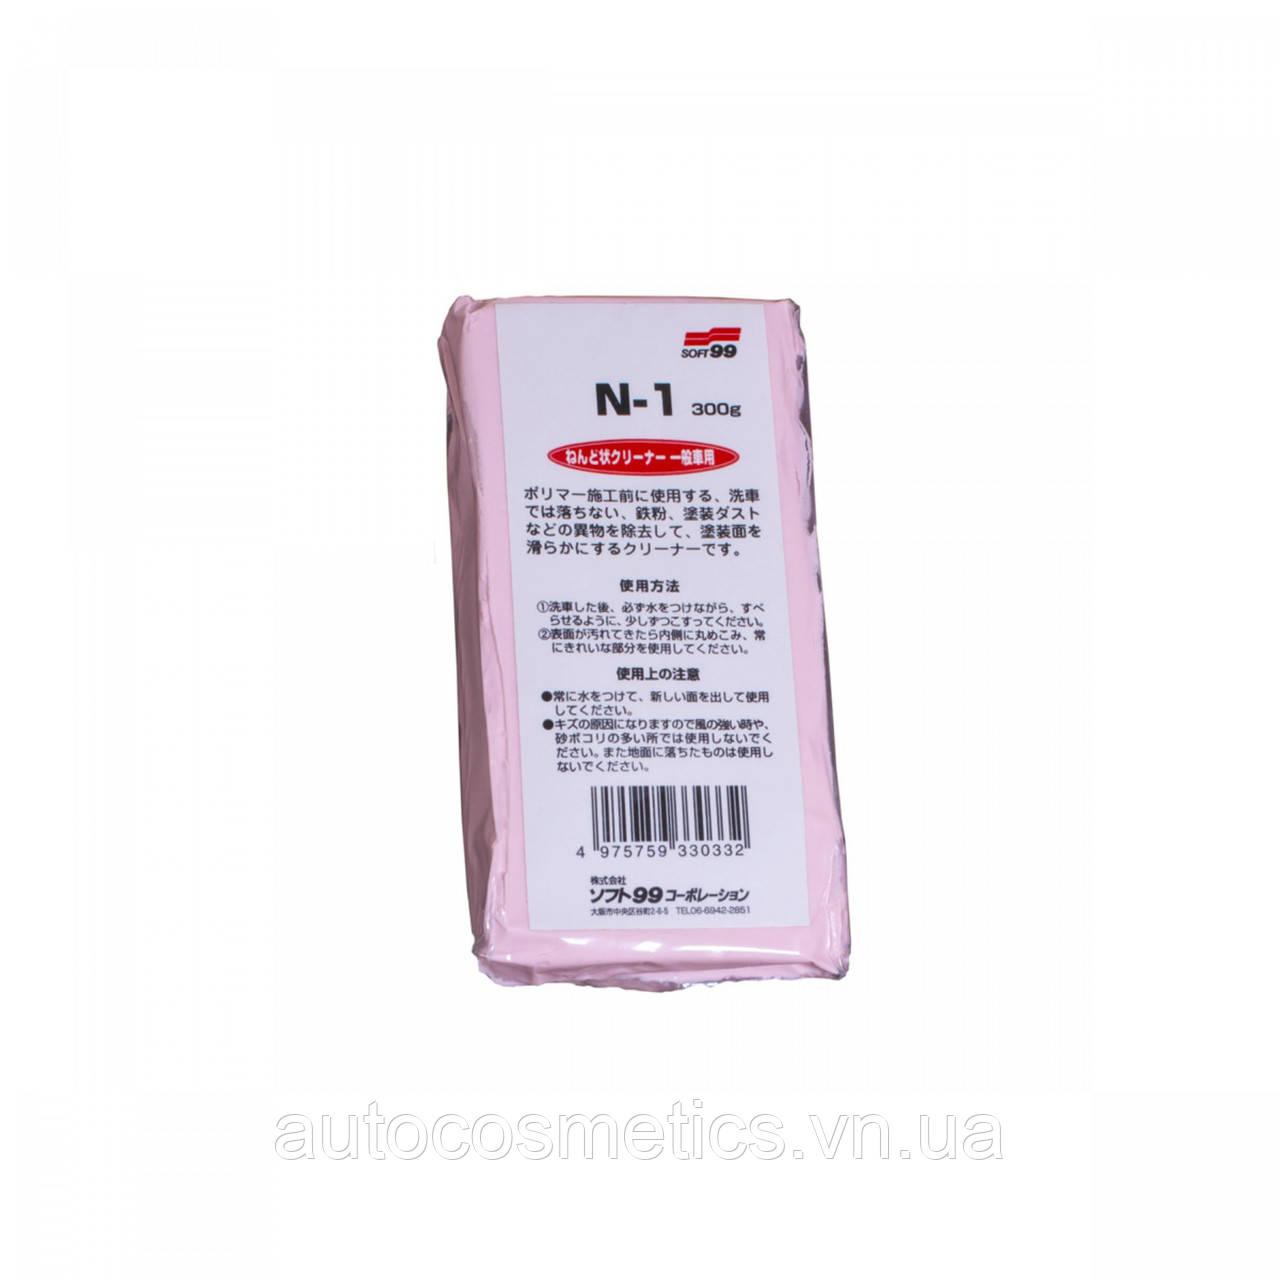 Очиститель въевшихся загрязнений SOFT99 33033 Surface Smoother Pink  300гр